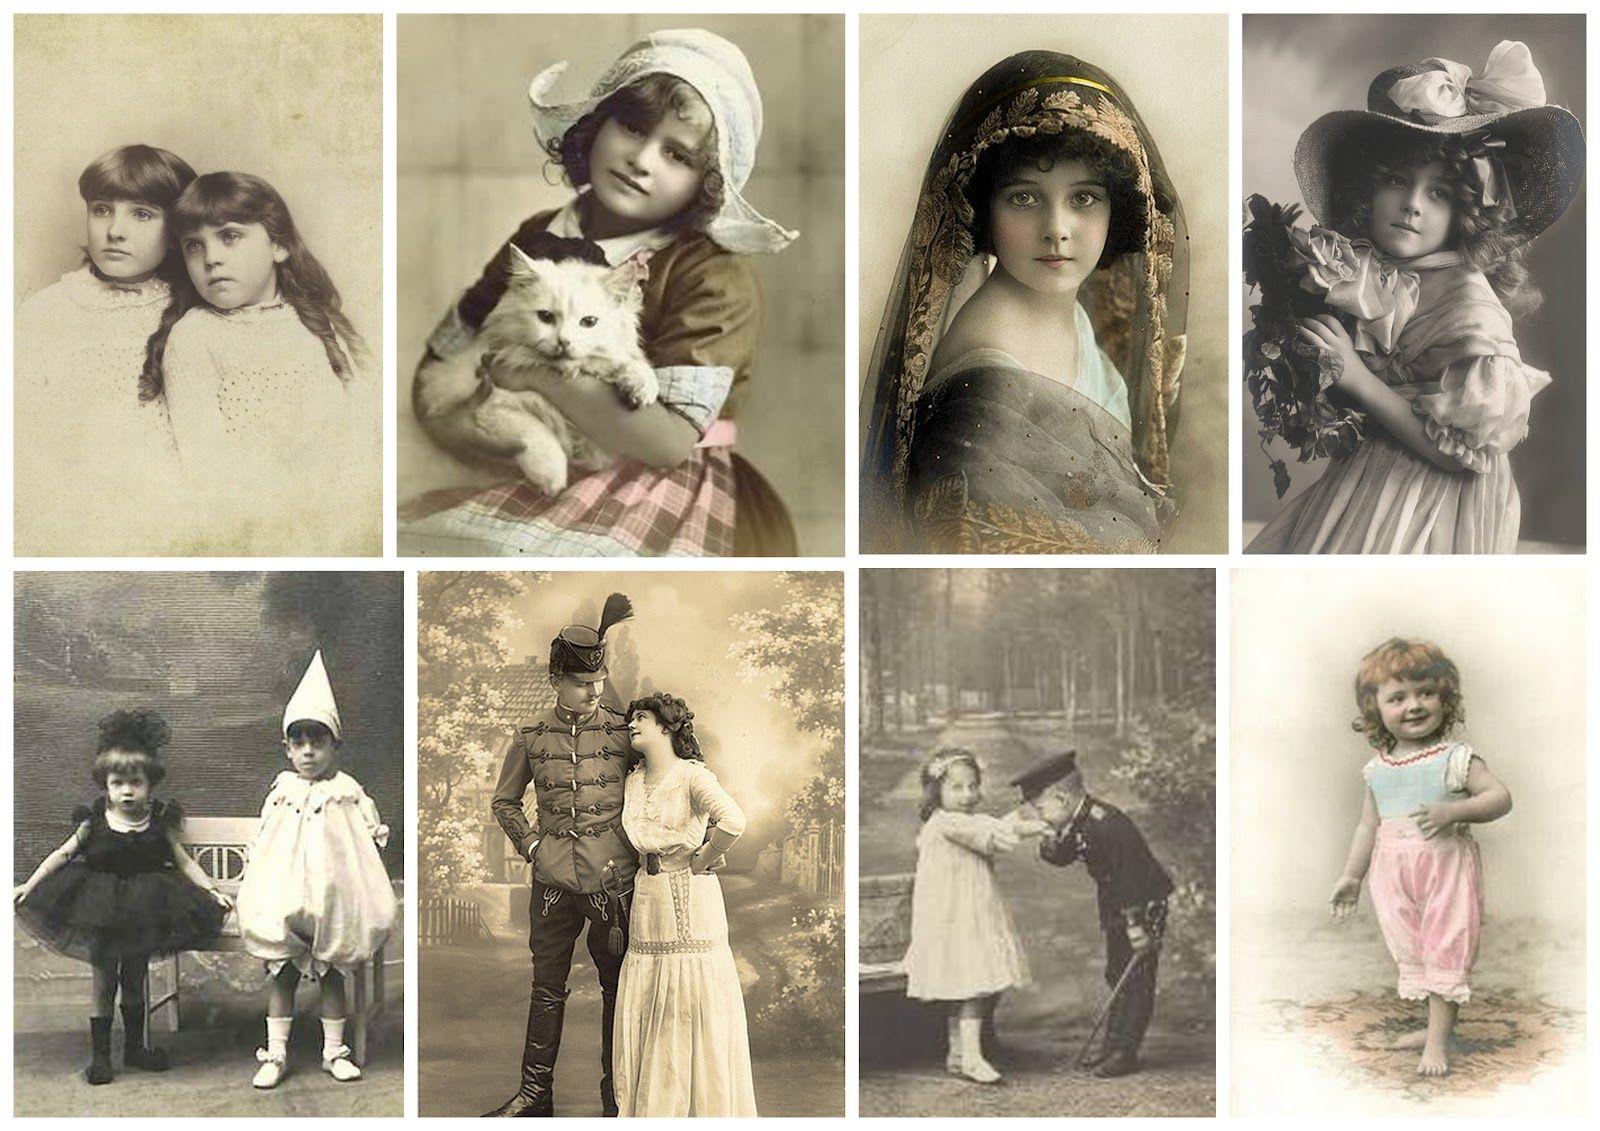 Vintage Photography | Lagt inn av Henrikke kl. 10:00